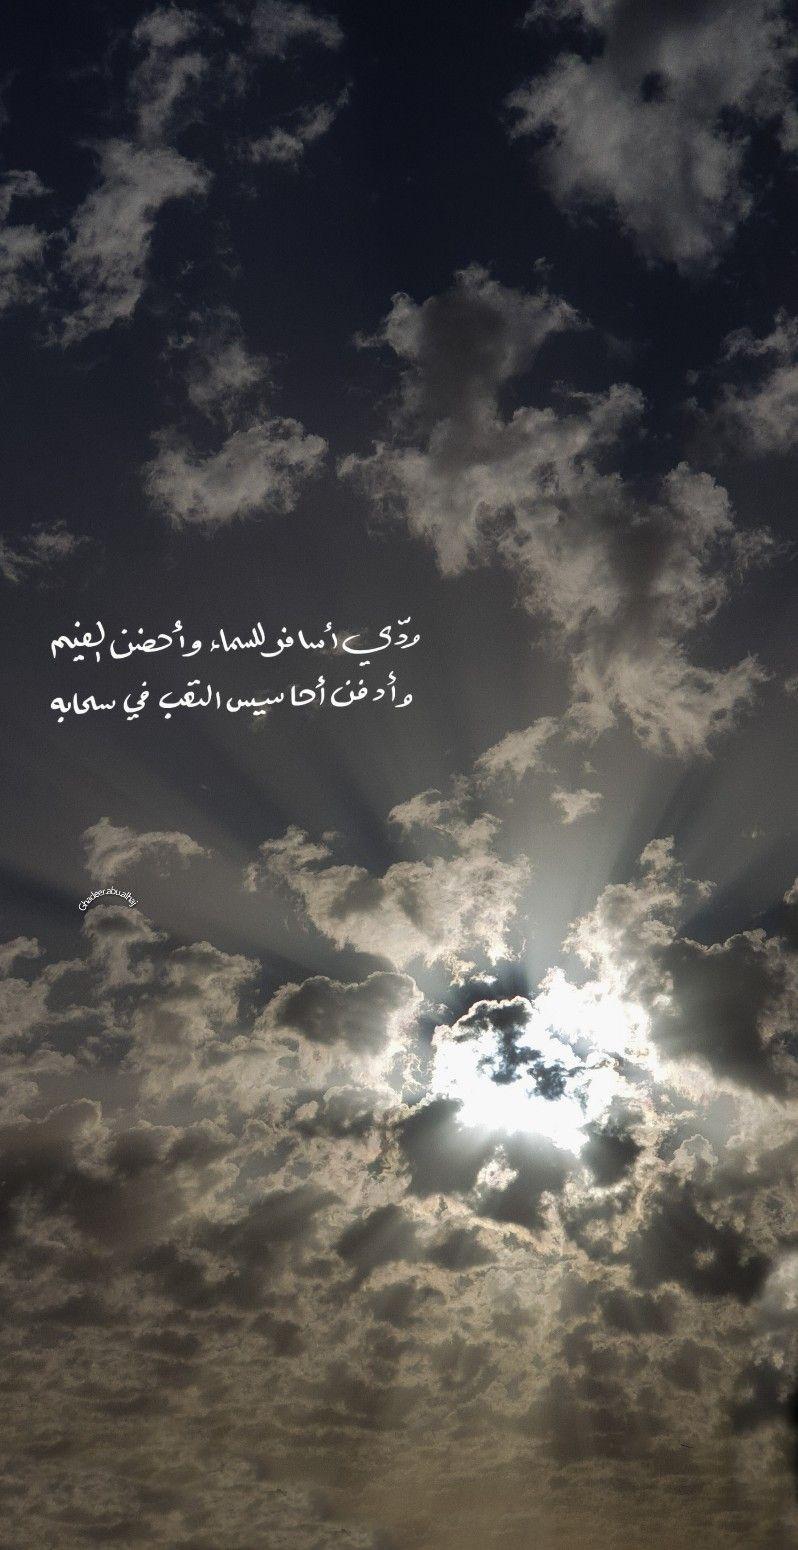 كلام عن السماء